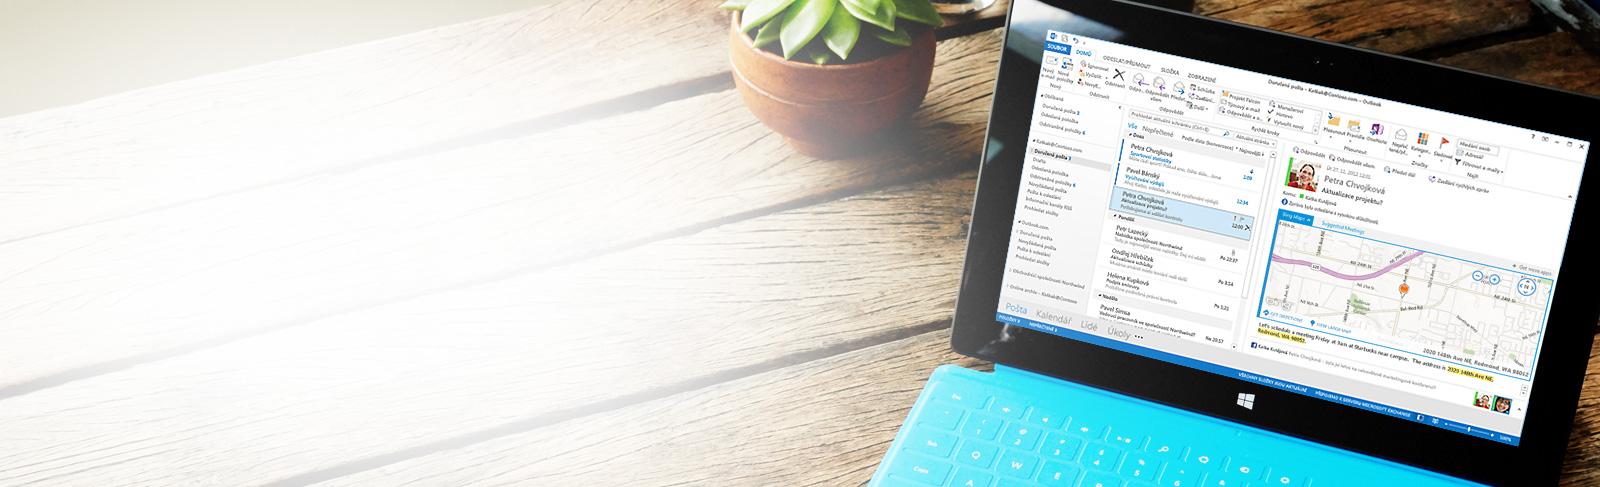 Tablet zobrazující složku doručené pošty v aplikaci Microsoft Outlook 2013 se seznamem zpráv a náhledem